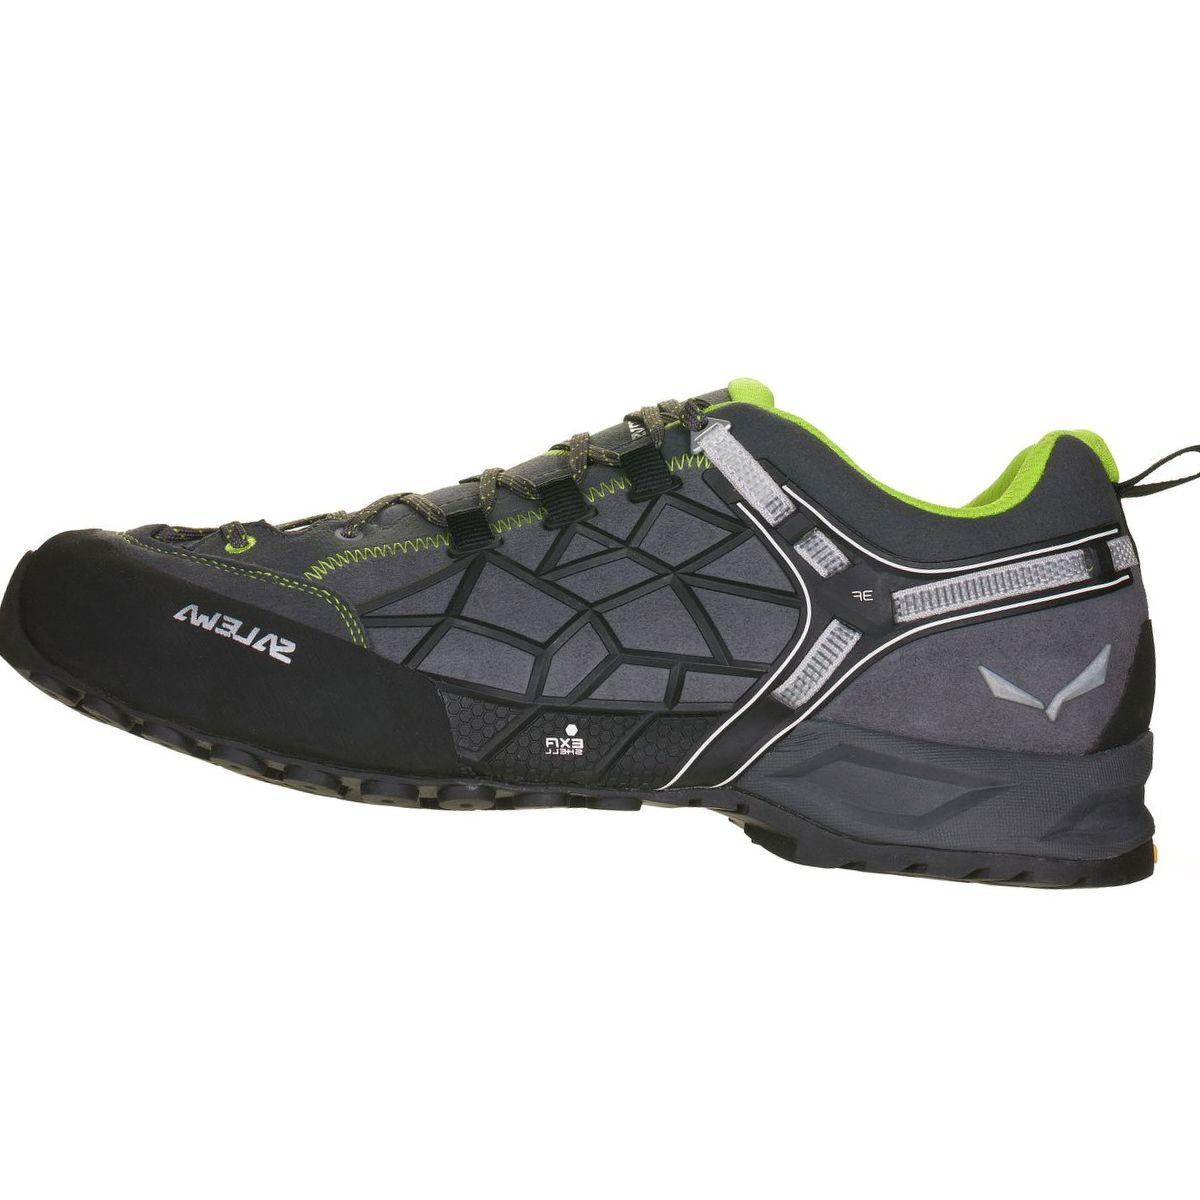 Salewa Wildfire Pro Approach Shoe - Men's